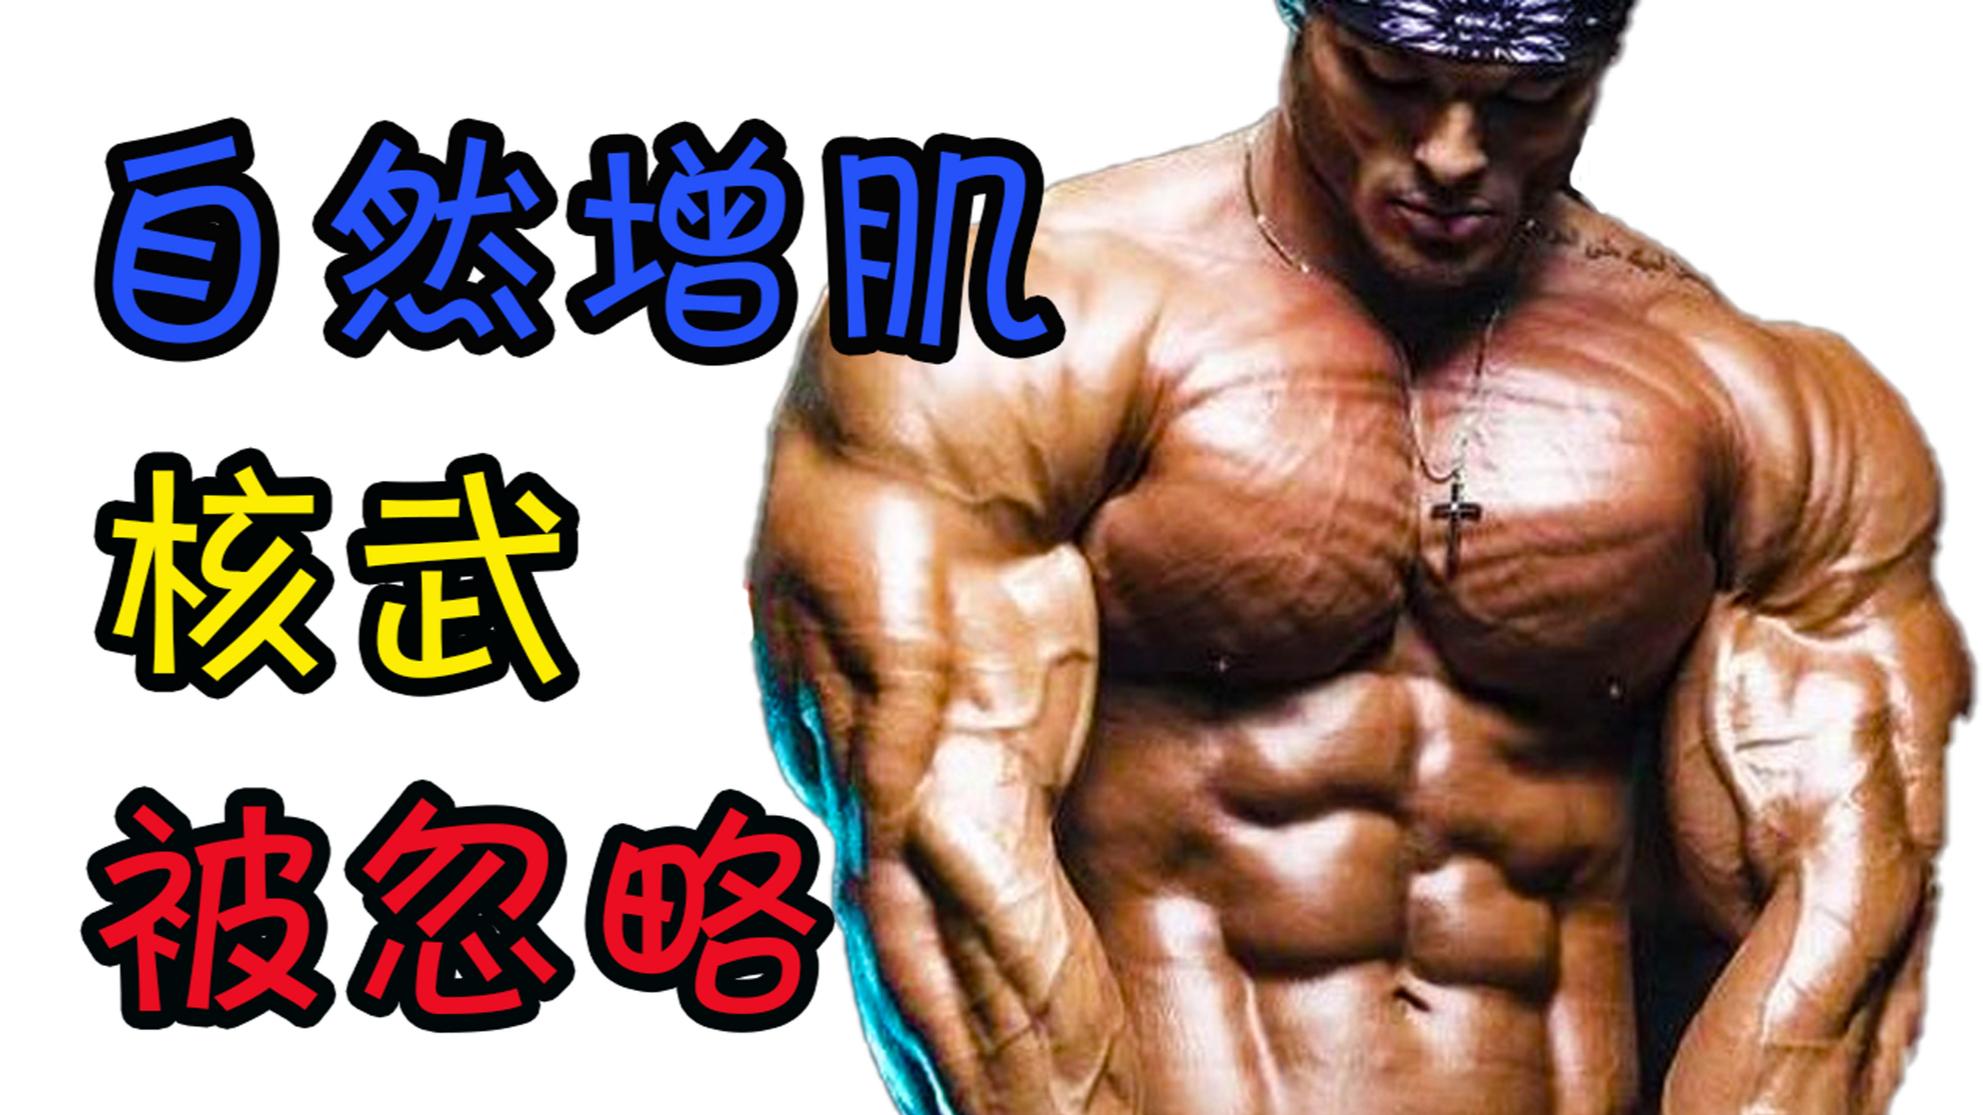 自然健身VS药物健美,教你调用2B型快肌纤维,引爆肌肉增长!【初夏健身打卡】